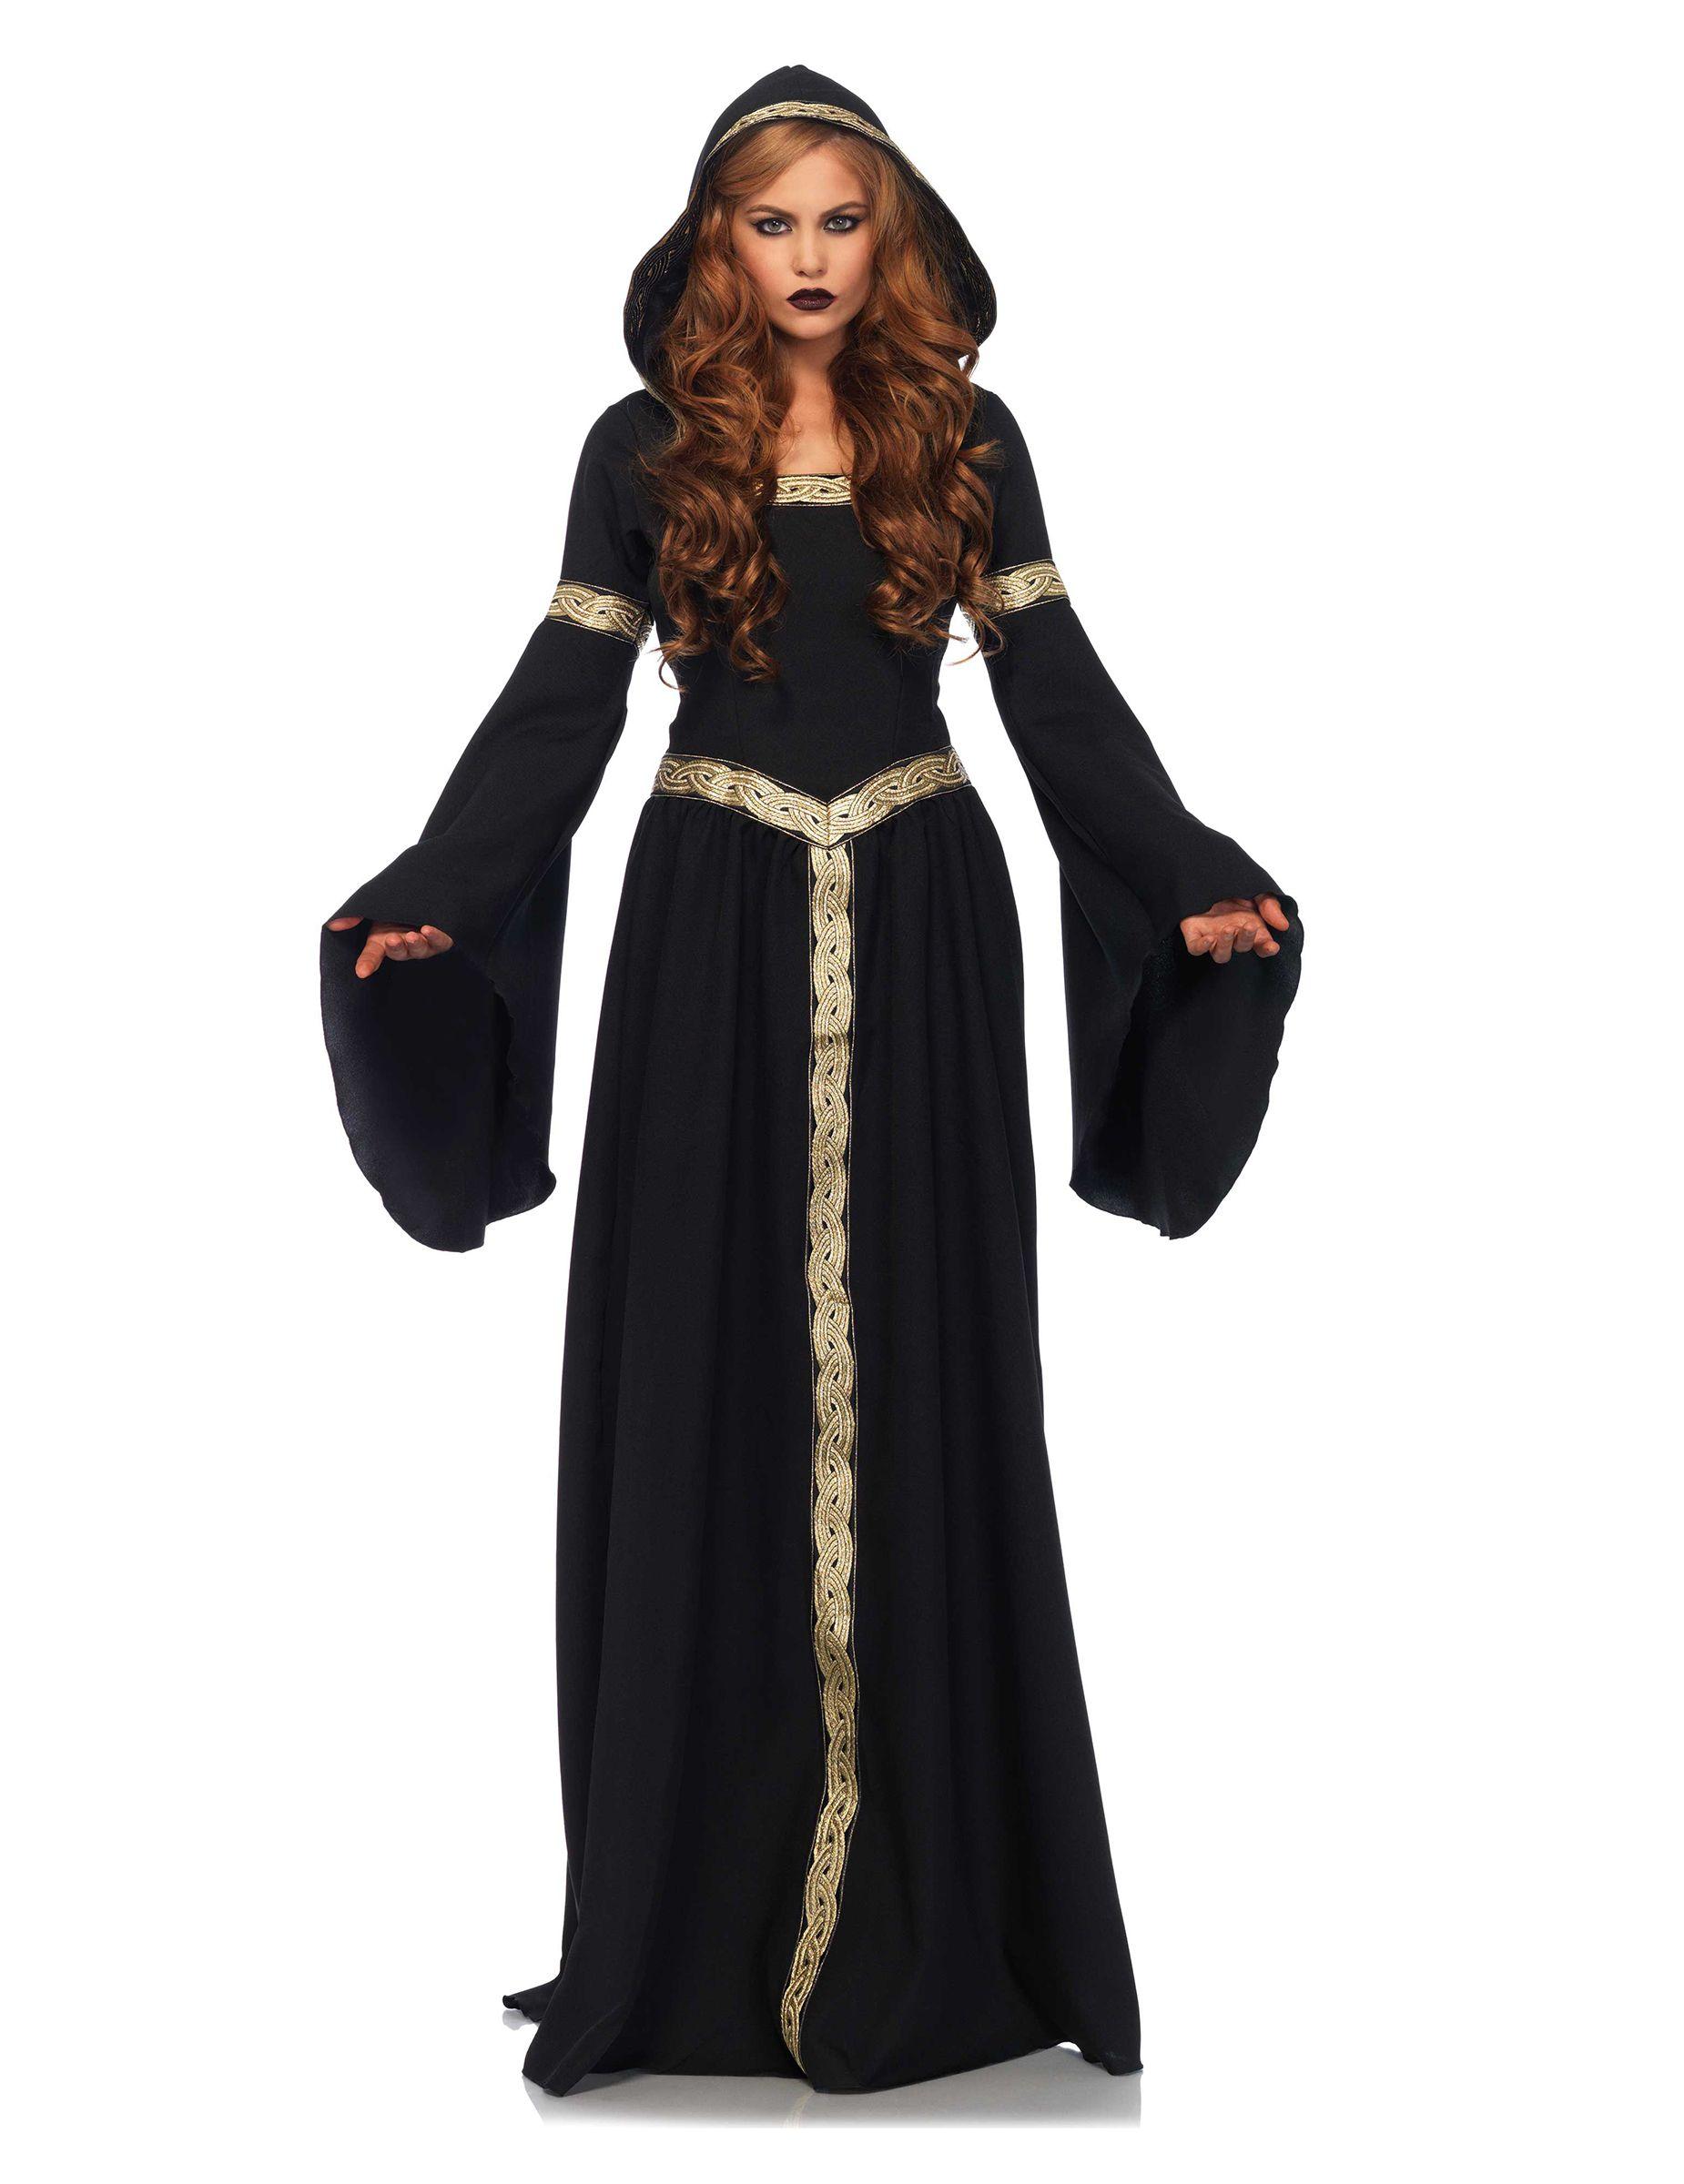 Costume da strega celtica per adulto - Halloween  un lungo abito nero con  inserti di passamaneria dorata per essere affascinante e misteriosa nella  lunga ... 0a5f042831f